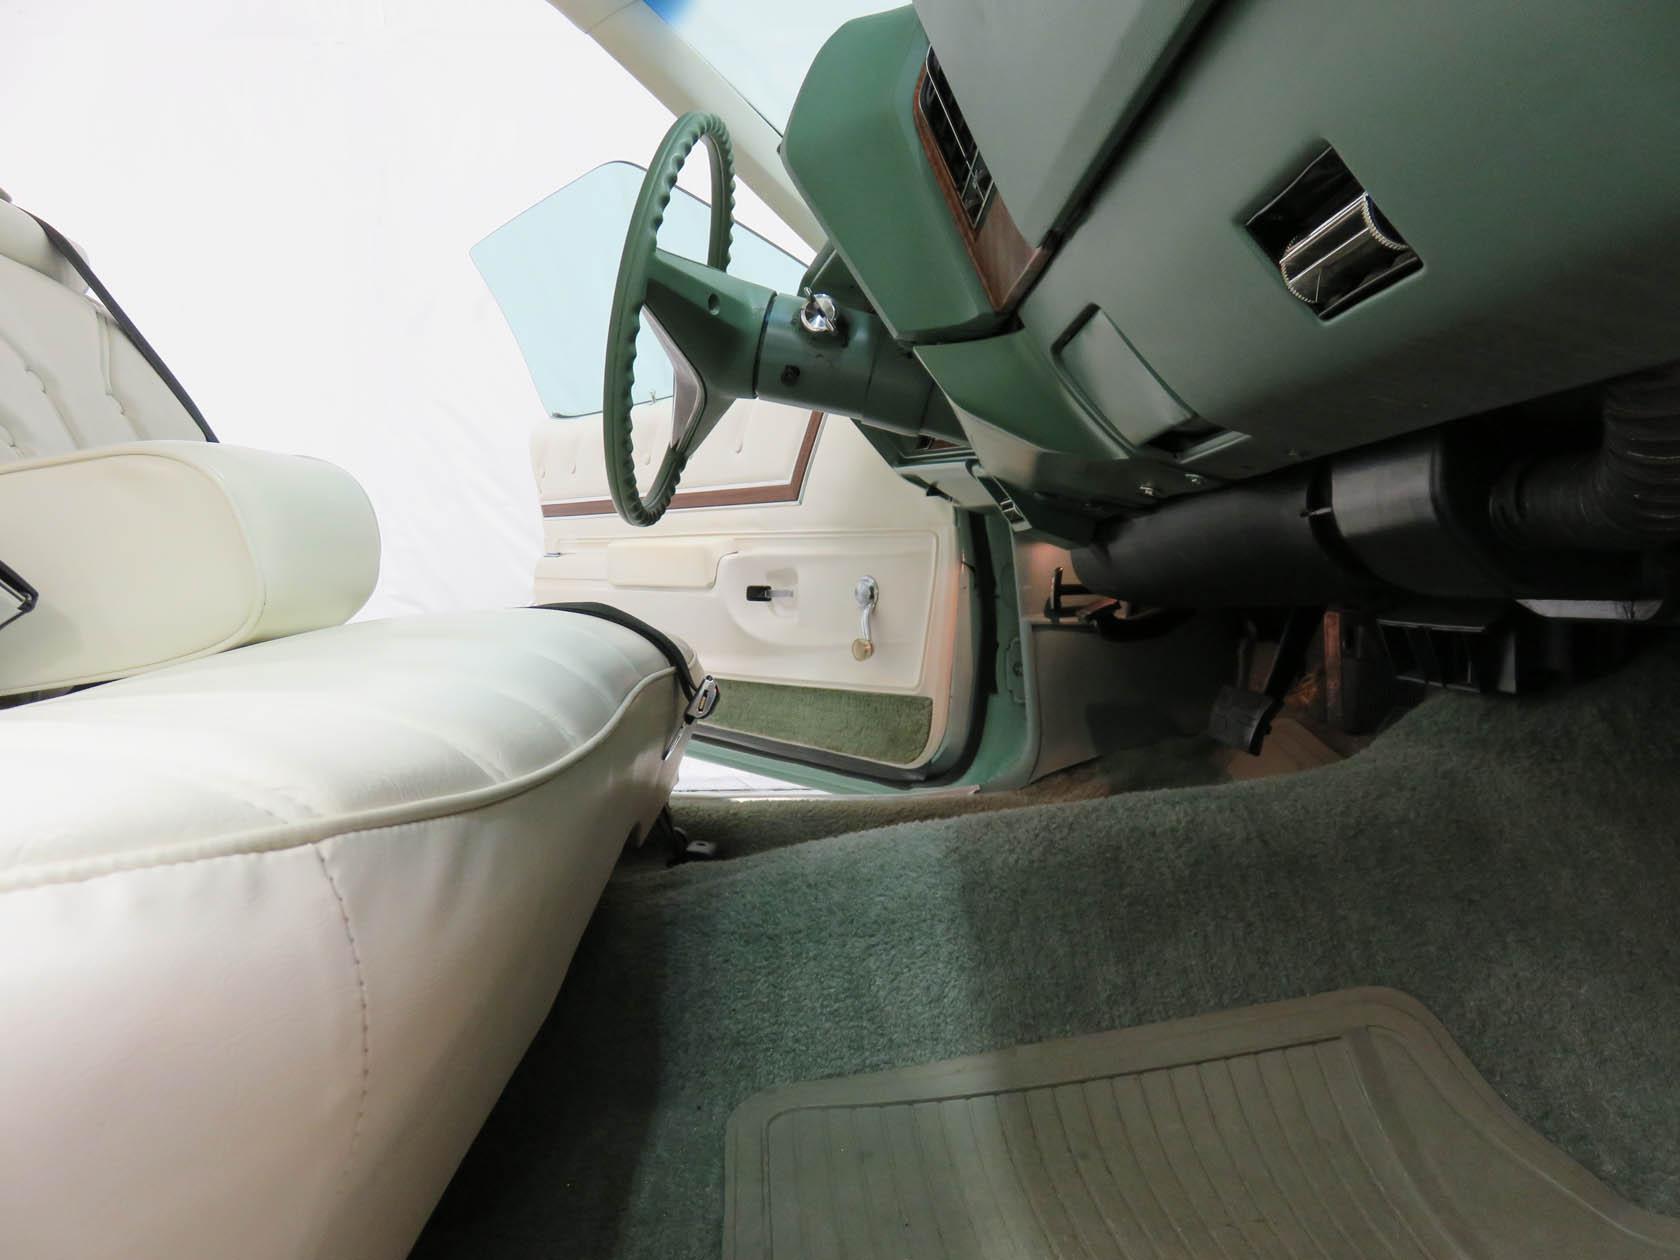 Michael Esposito - 1974 Oldsmobile Cutlasss Supreme 455